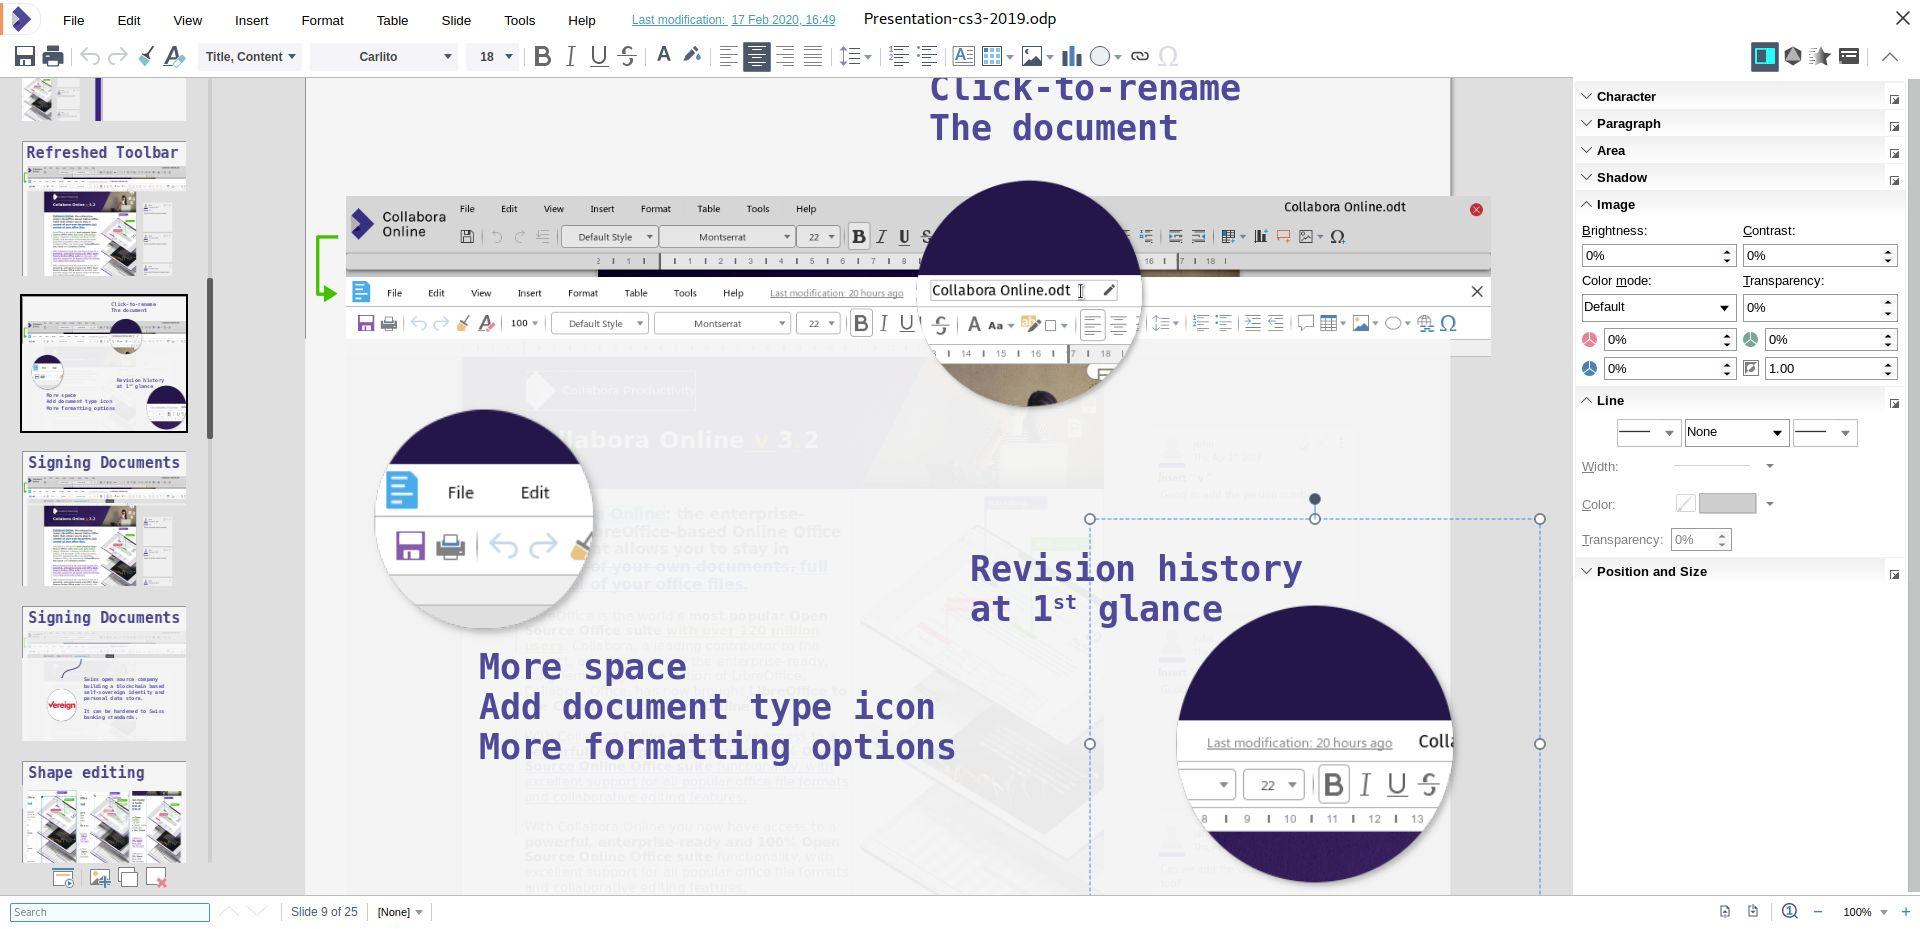 barra lateral de la aplicación de presentaciones de diapositivas digitales de Collabora Online 4.2, Impress